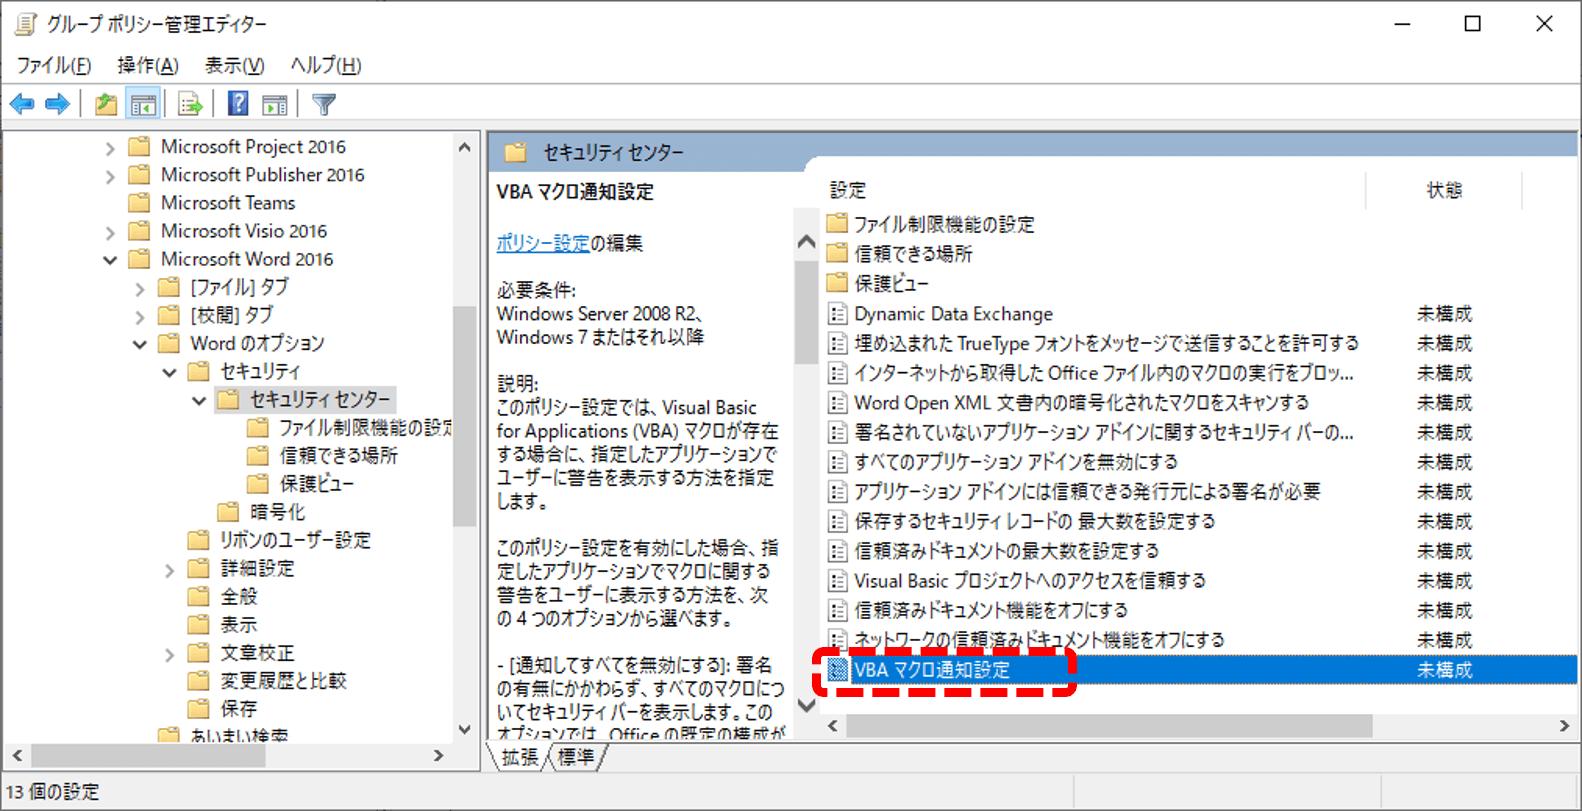 表示 非 変更 word 履歴